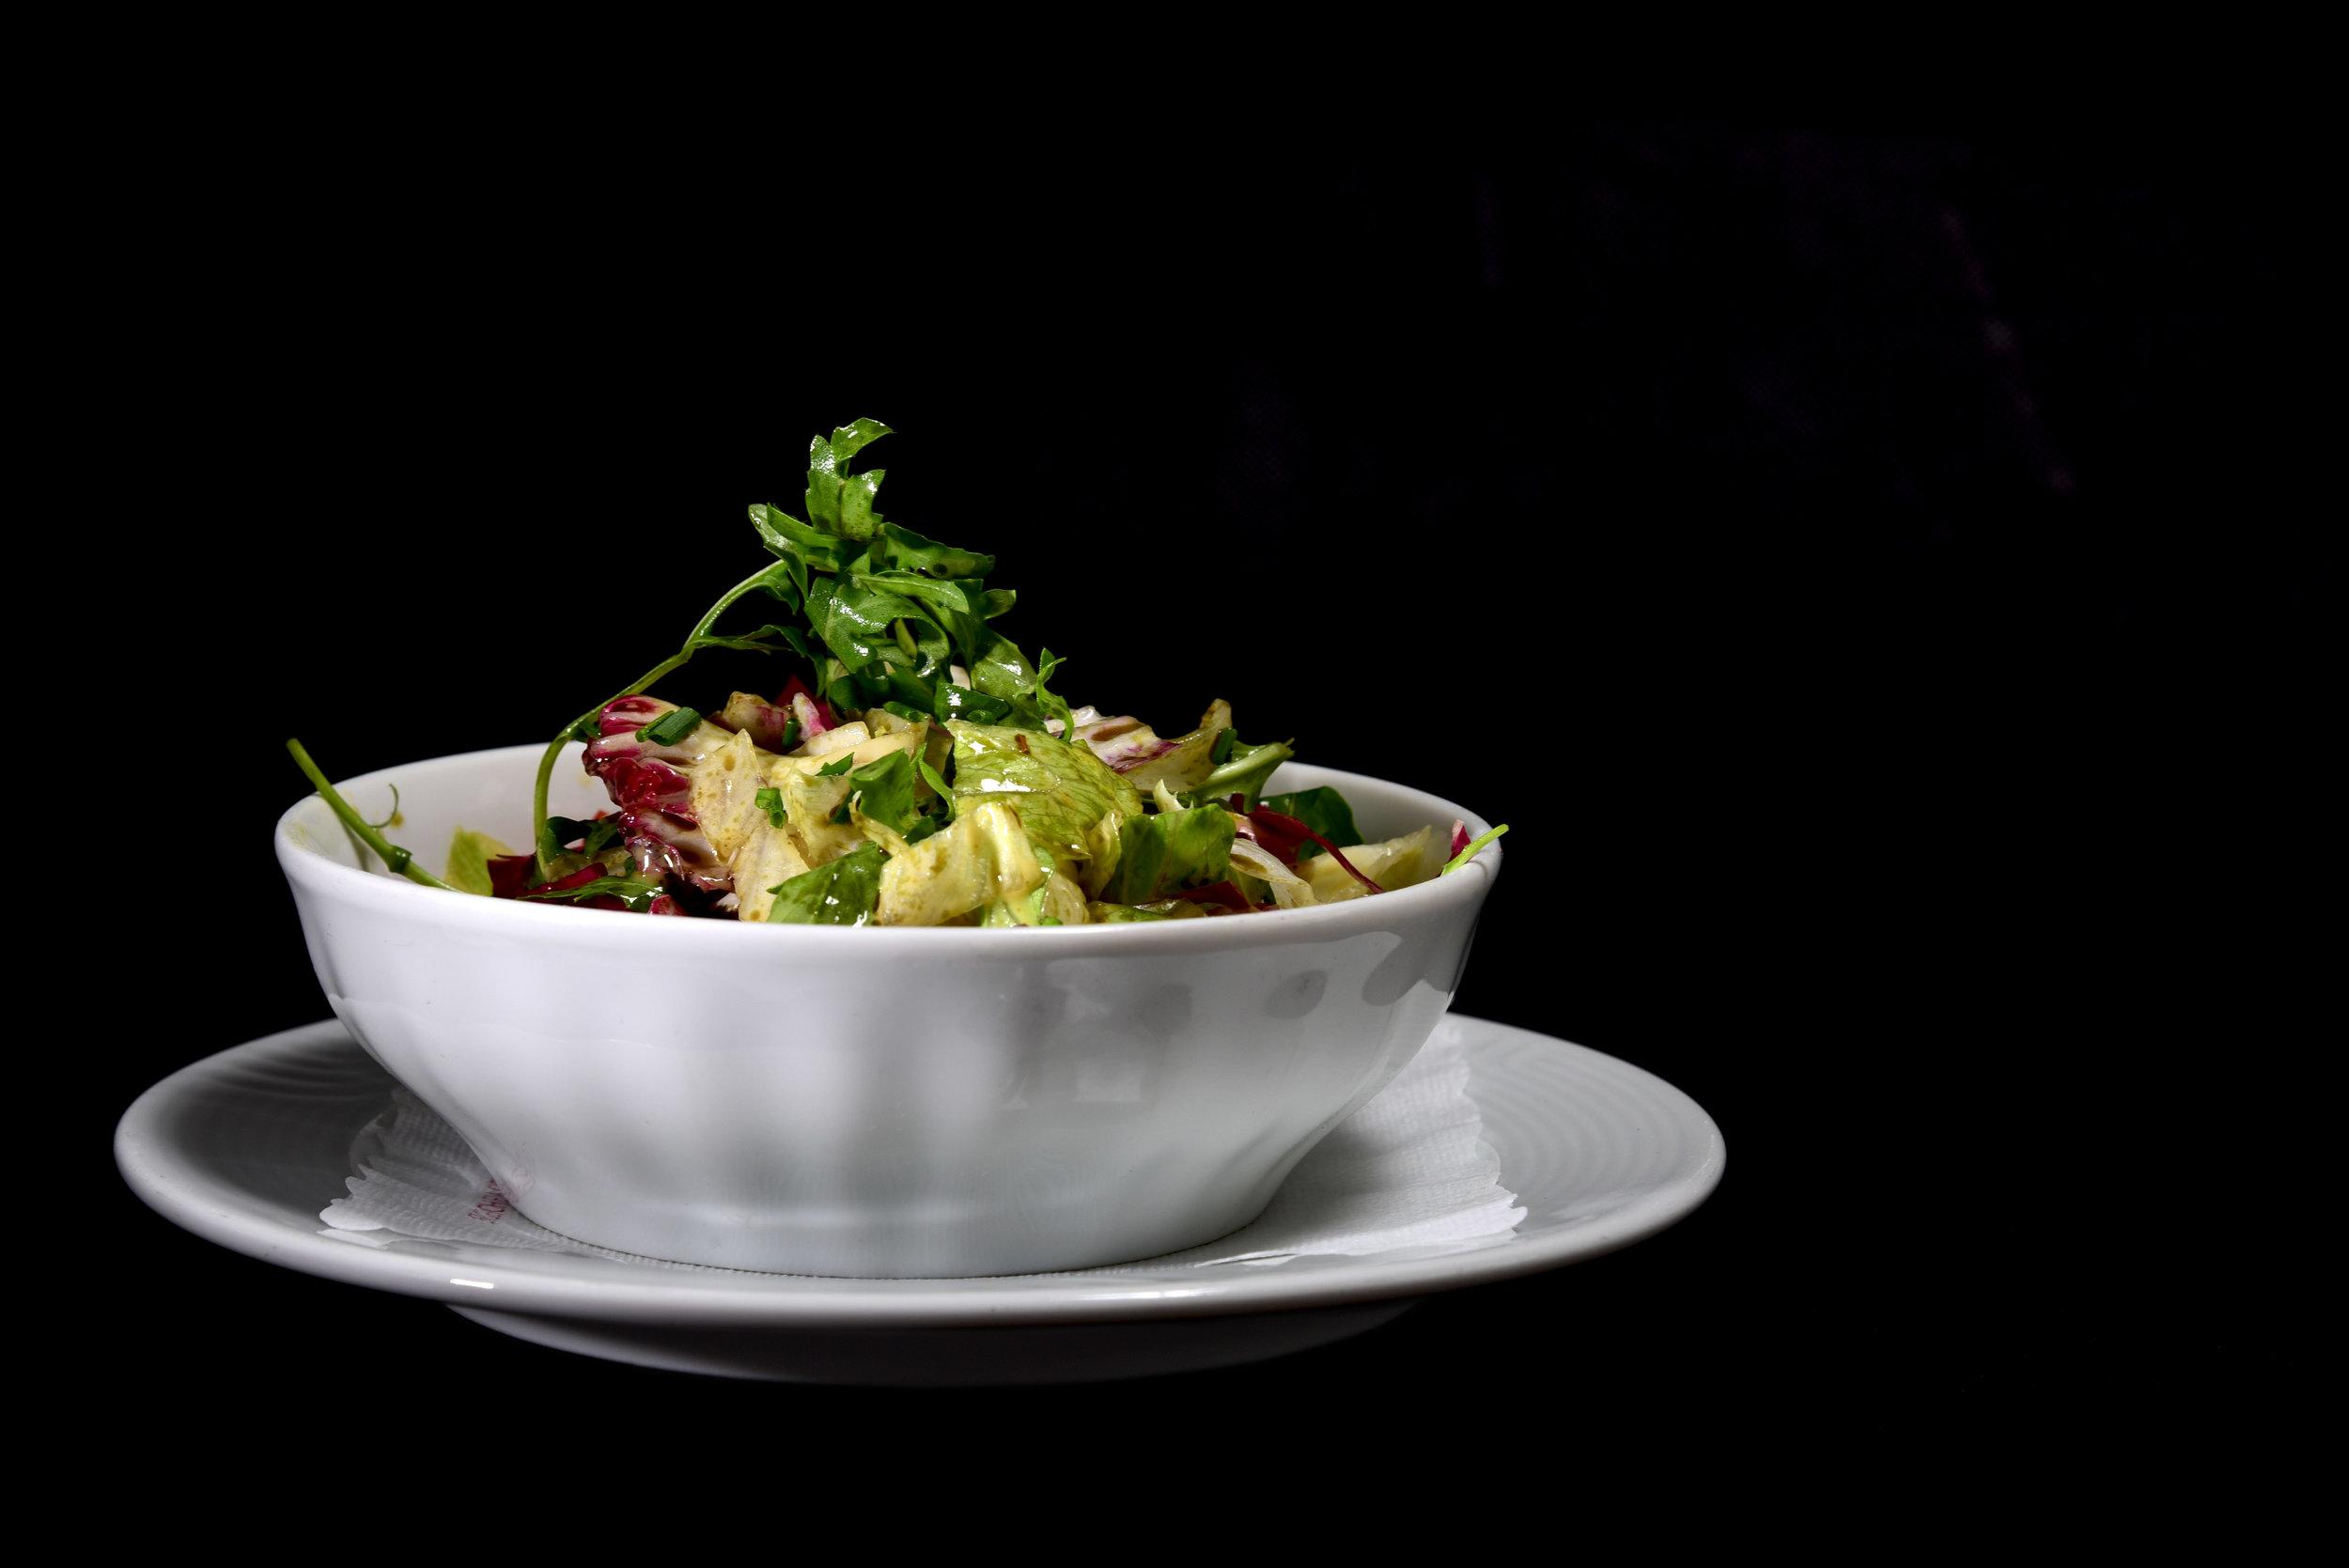 006-Salat.jpg